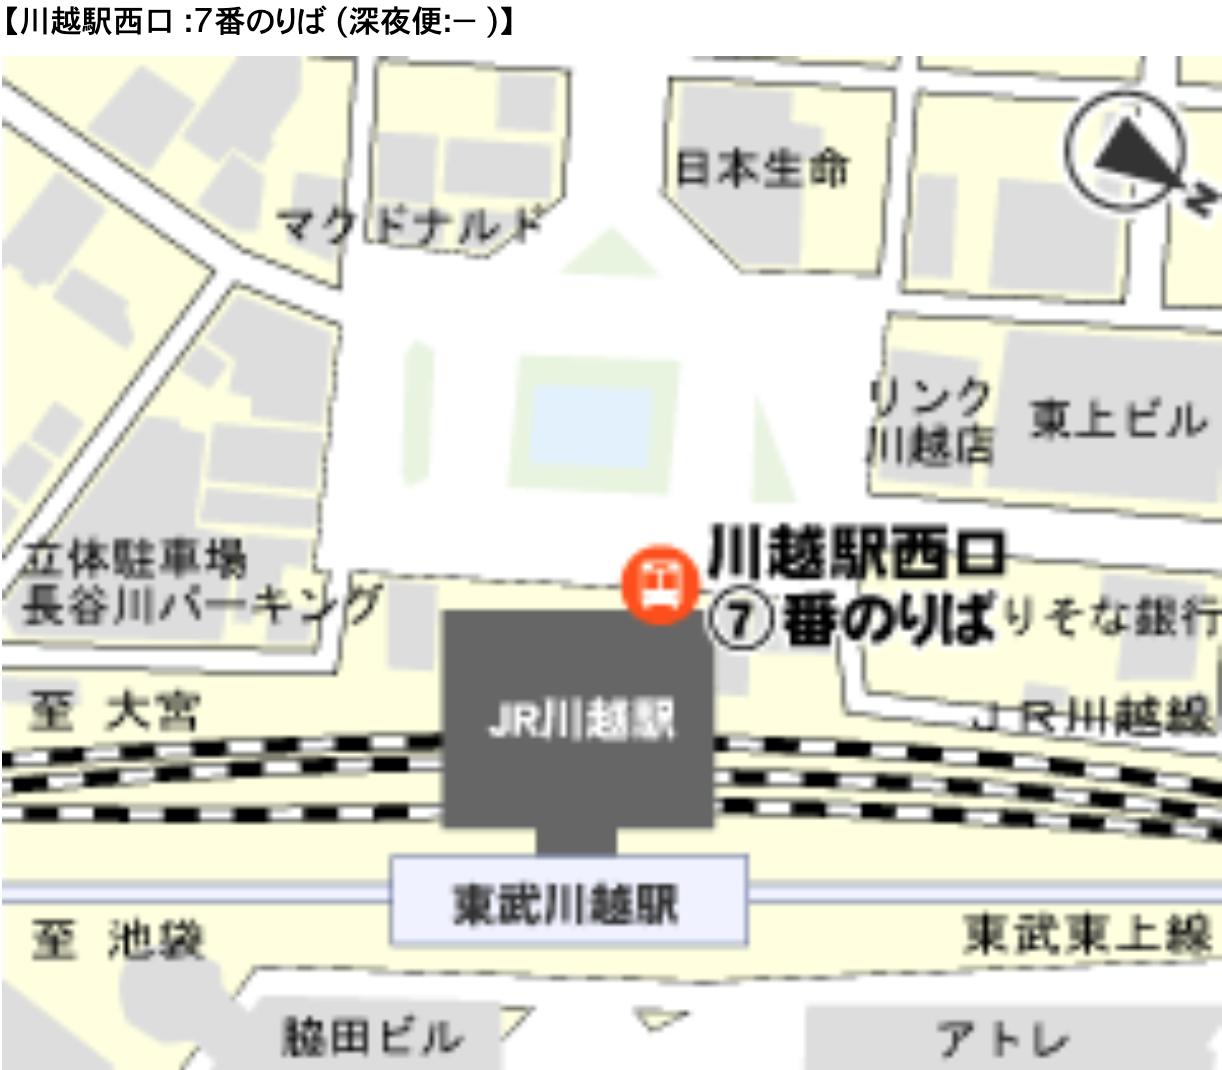 空港バス 川越駅 案内図